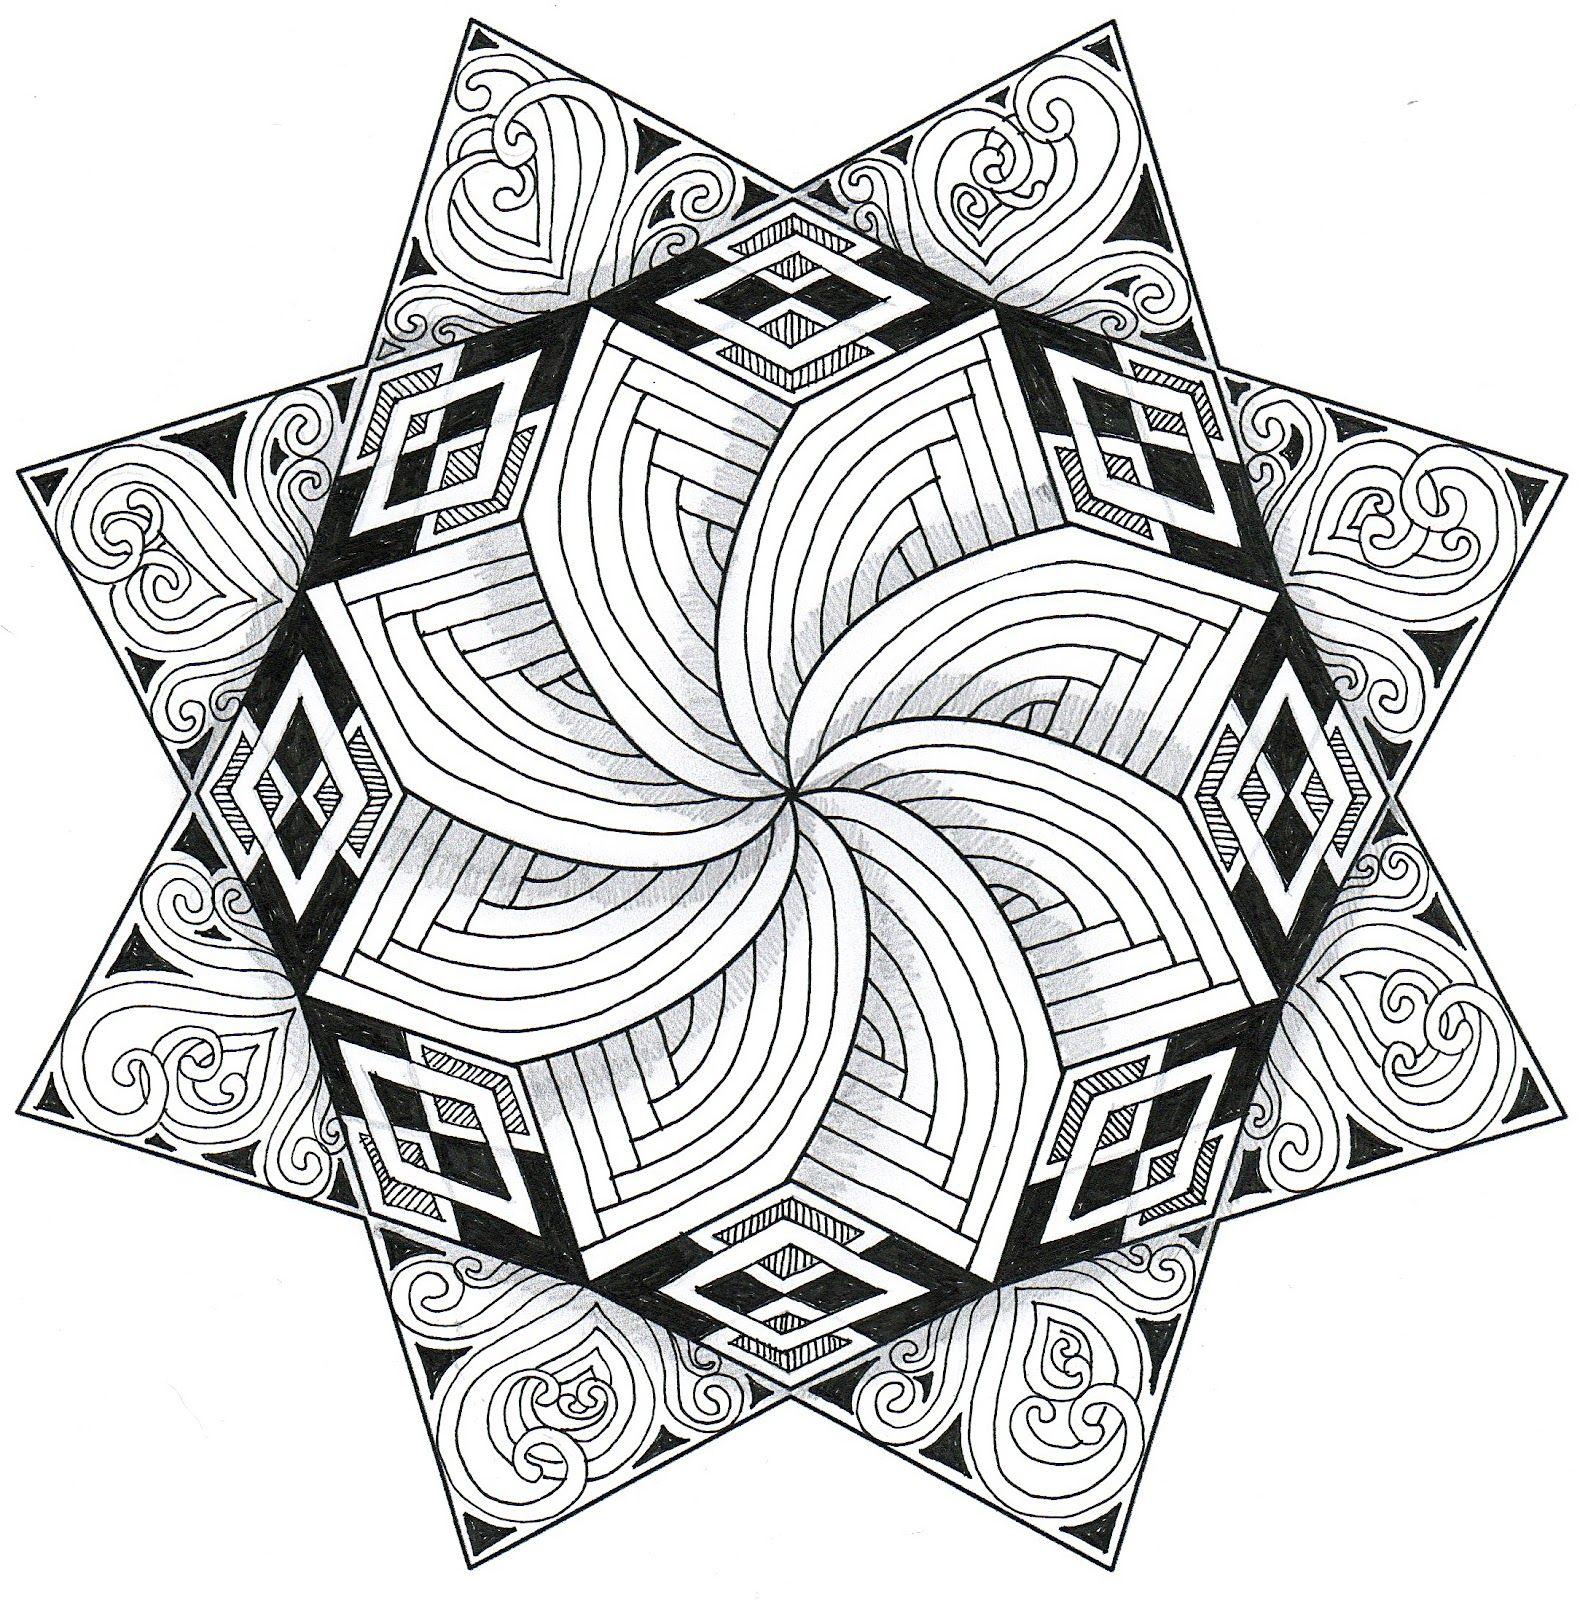 Free Print Zentangle Patterns Banar Designs Dibujo Con Lineas